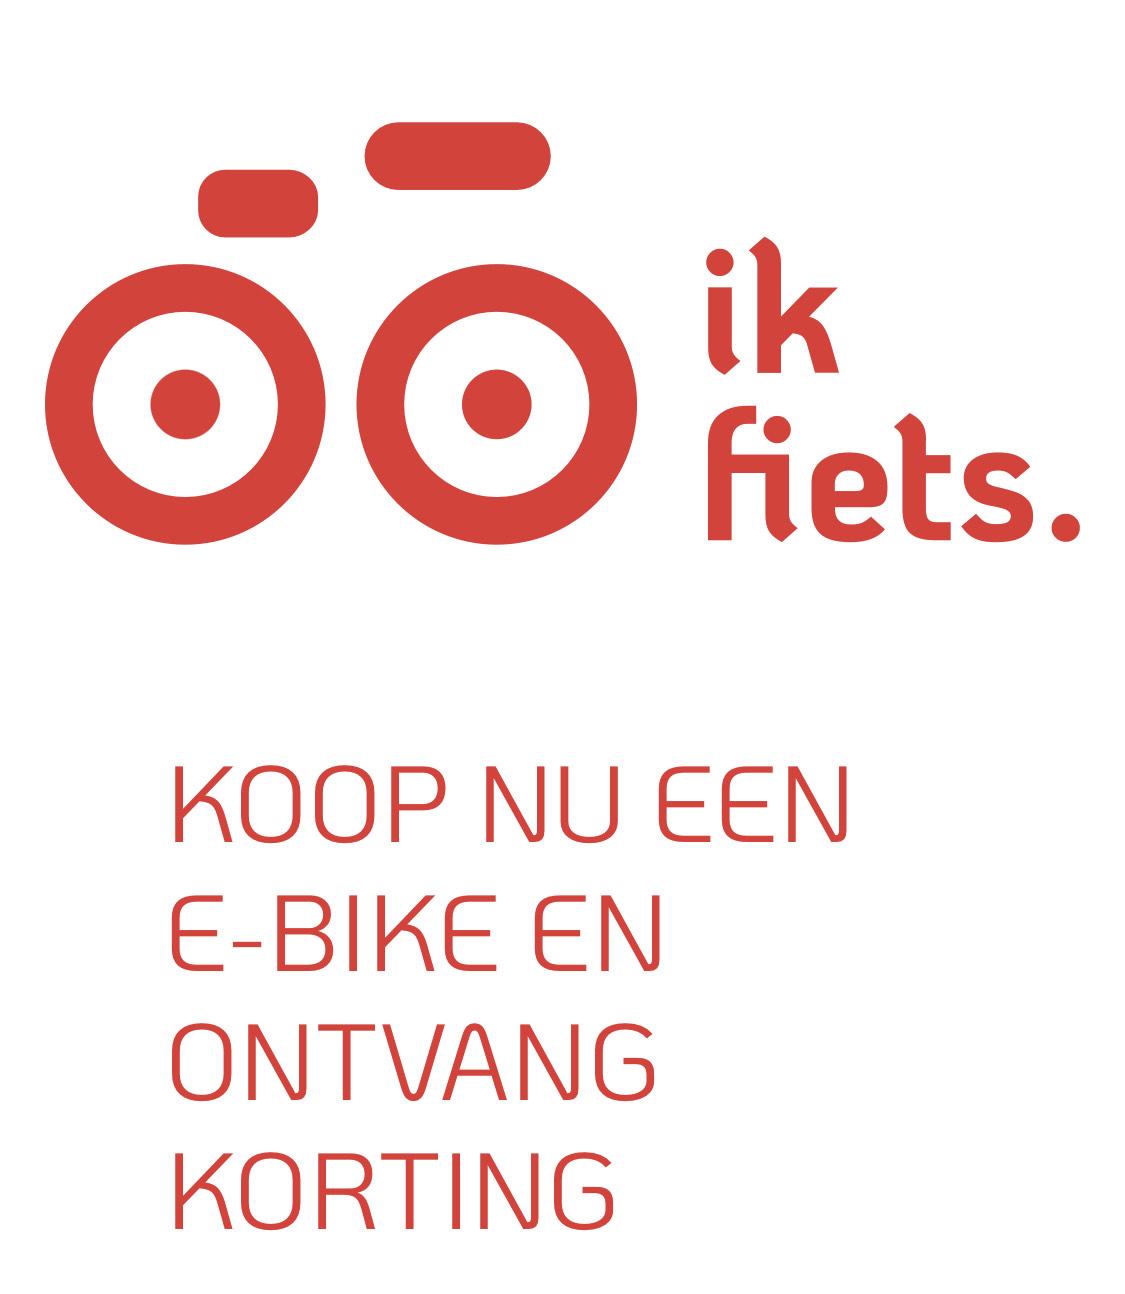 €300,- korting op een elektrische fiets rondom Utrecht